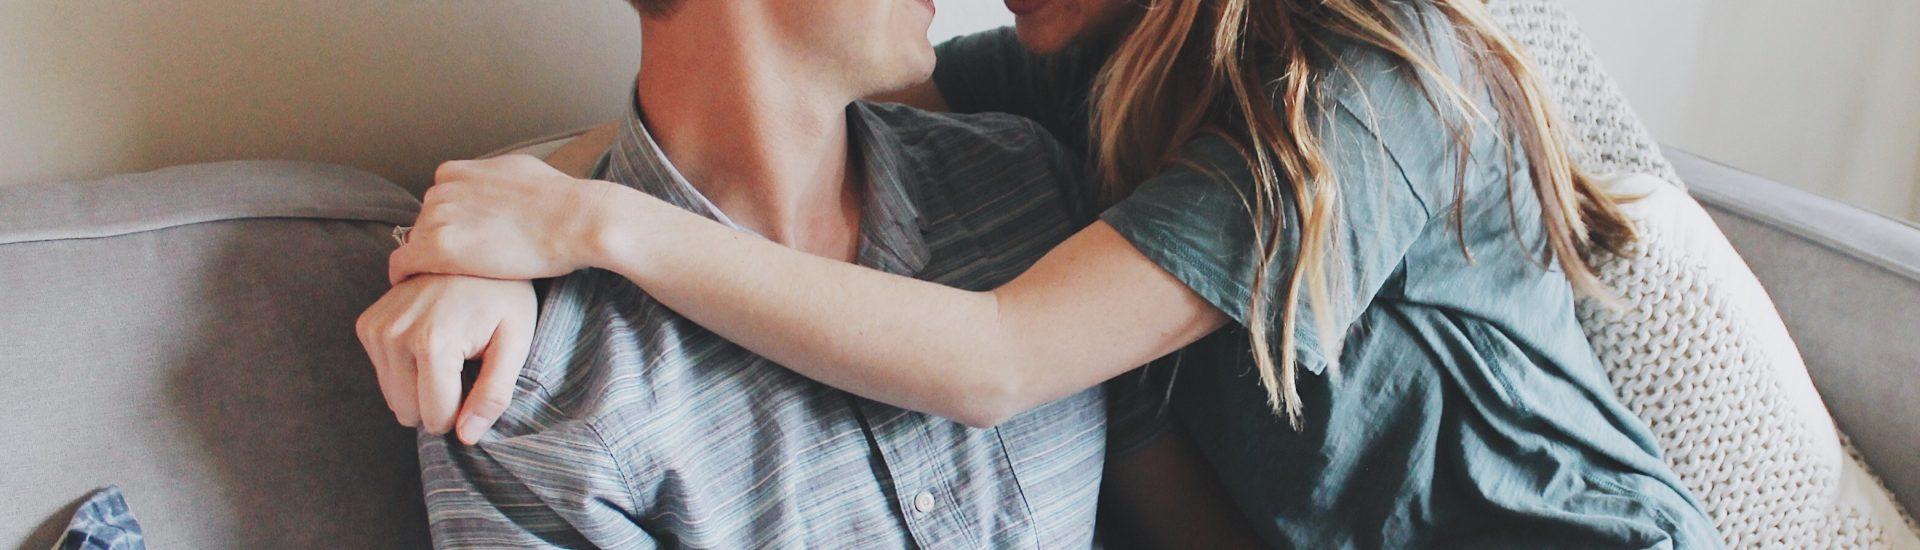 Trova qualcuno che abbia voglia di conoscerti